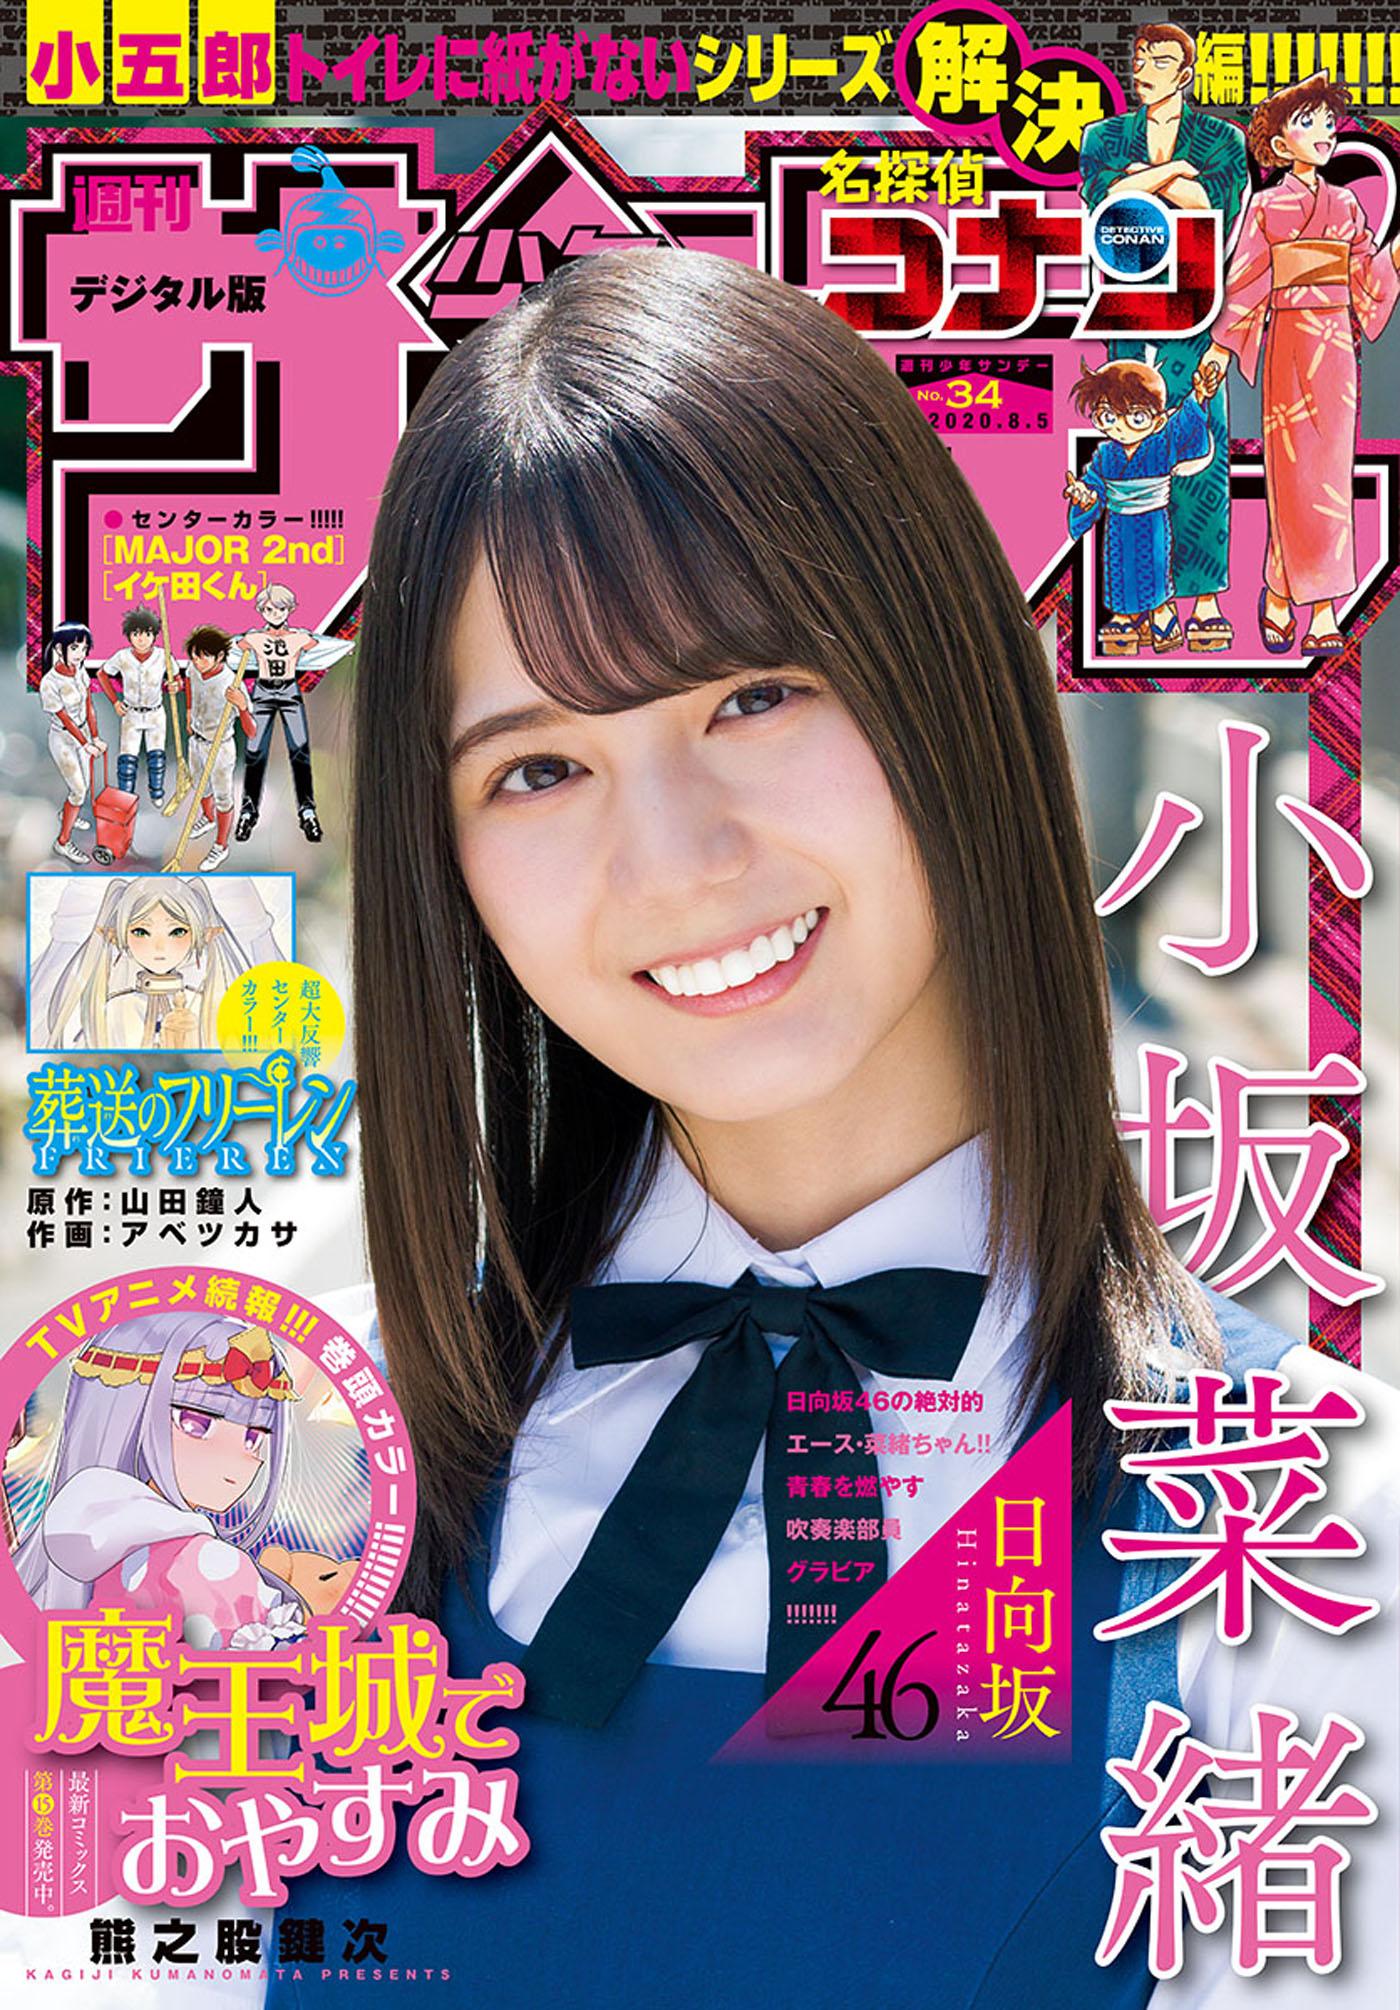 週刊少年サンデー 2020年08月05日号  34号 日向坂46 小坂菜緒